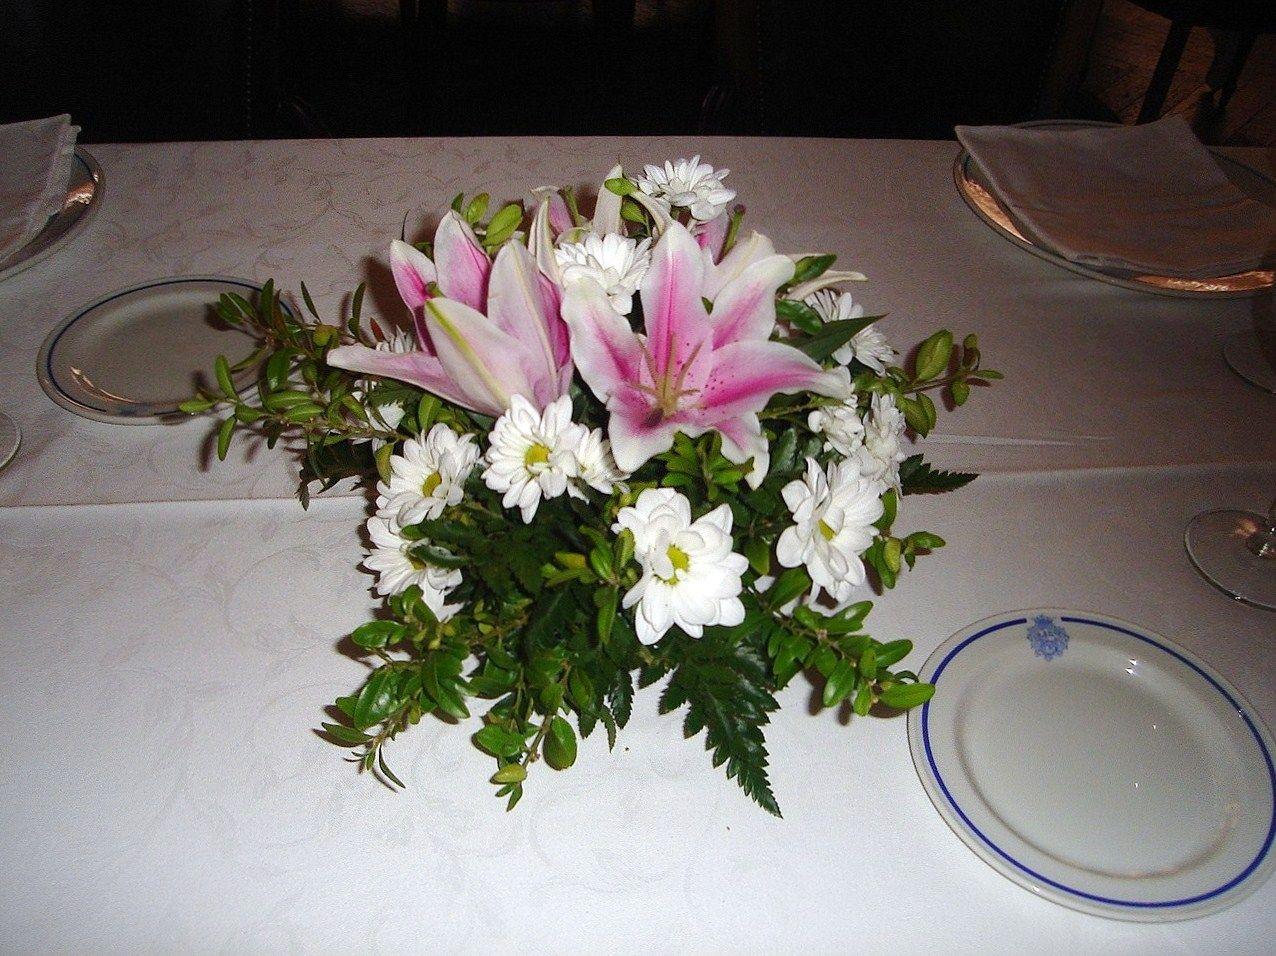 Centros De Mesa Con Flores Naturales Para Primera Comunion By Centros De Mesa Con Flores Naturales Para Primera Comunion Plants